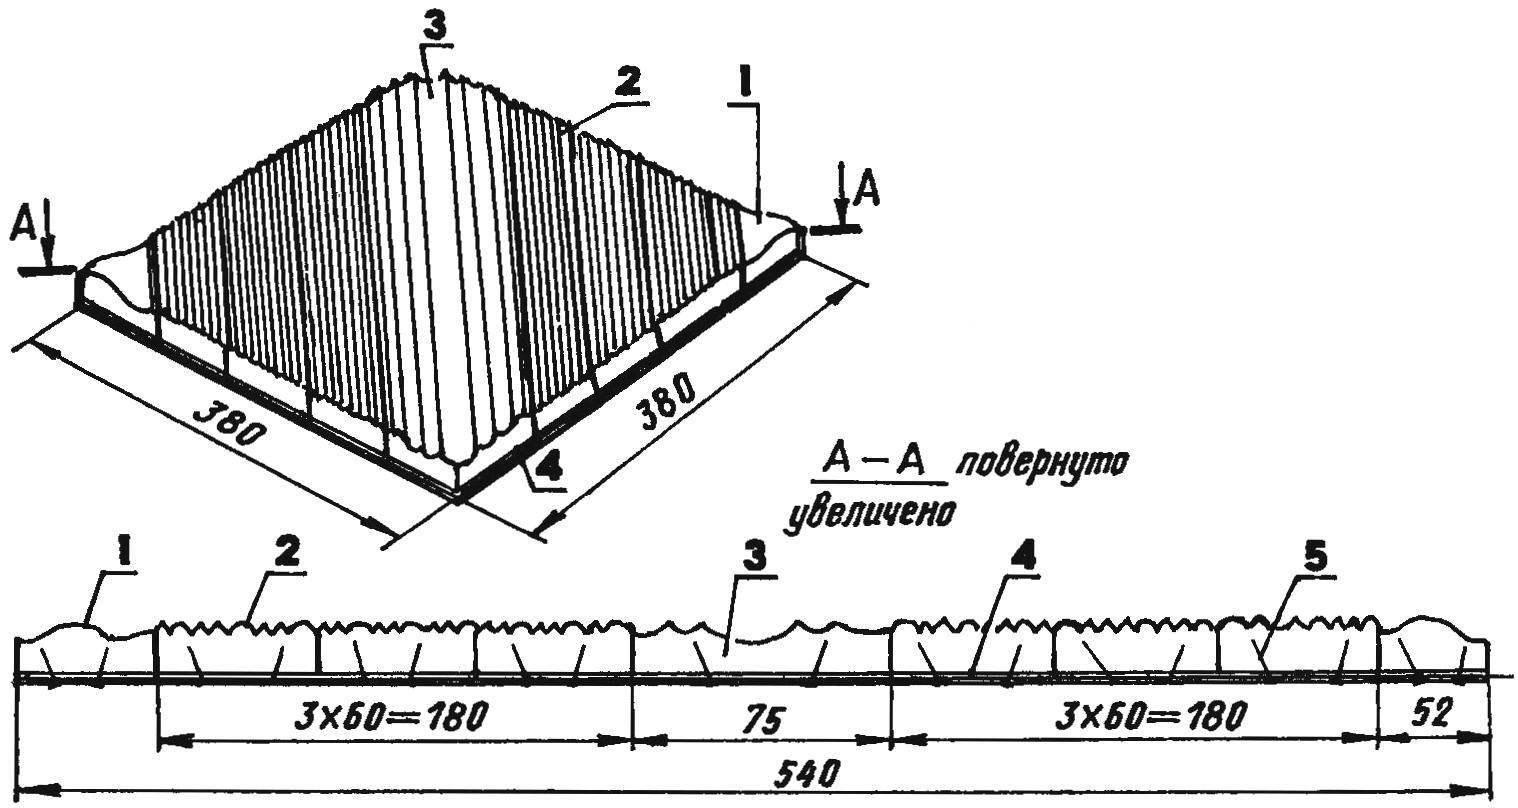 Монтаж элементов розетки на фанерной основе